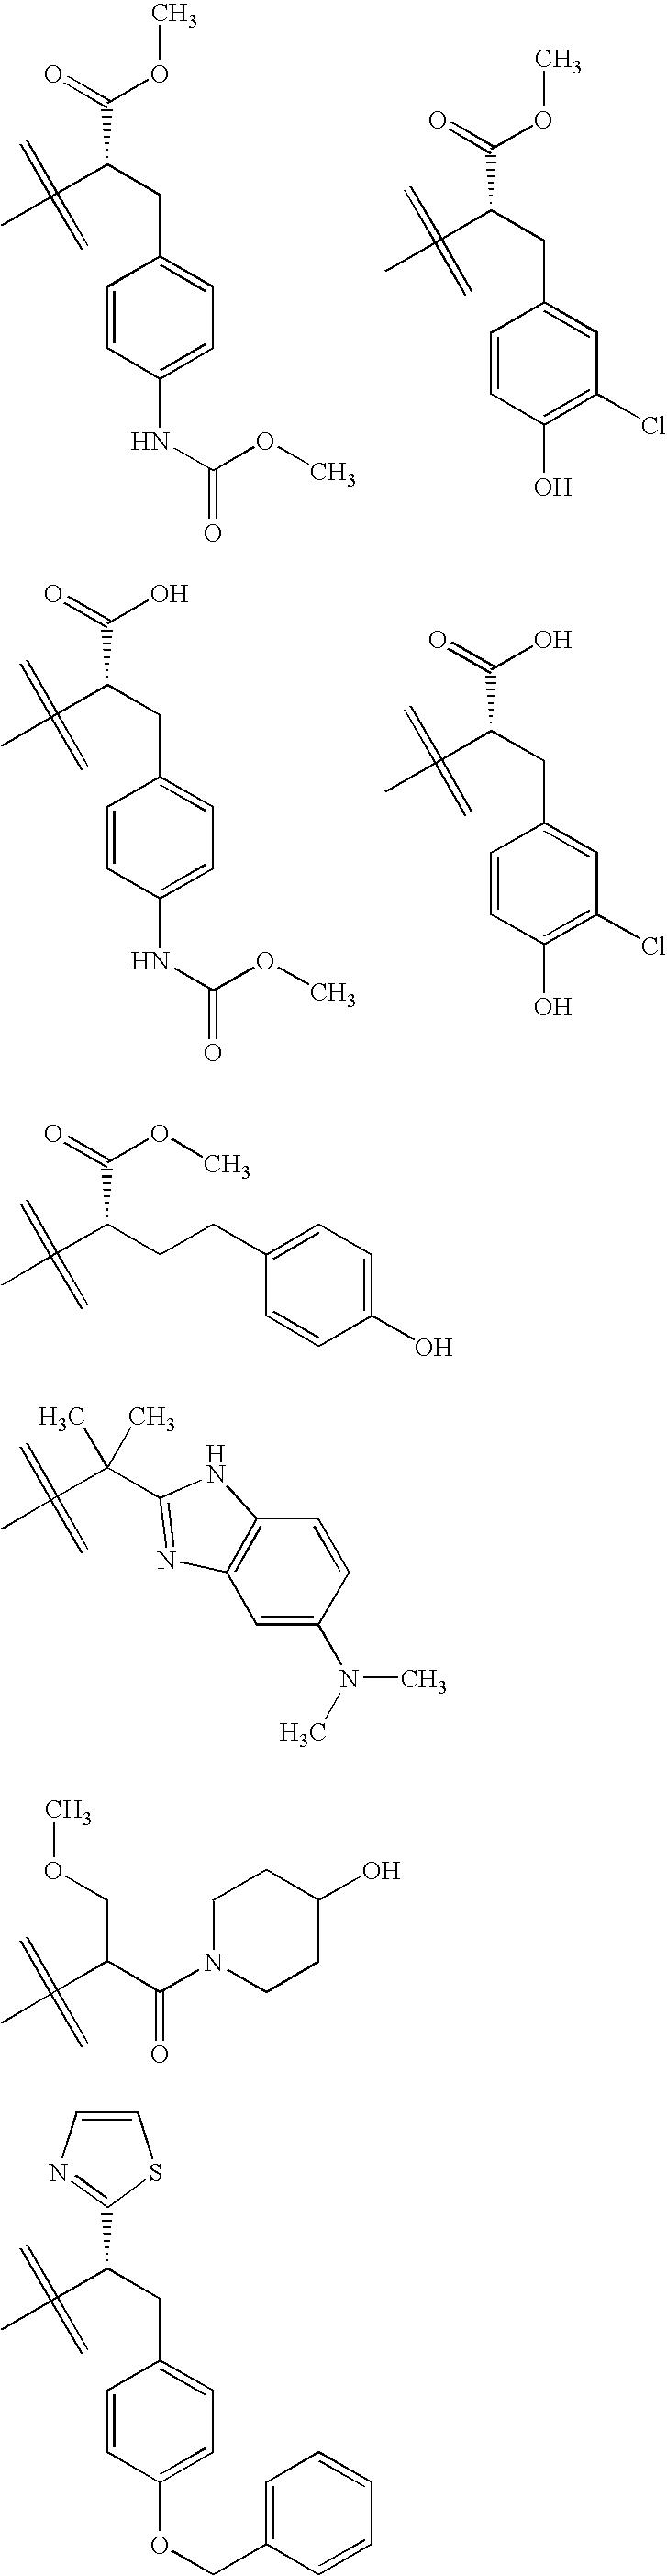 Figure US20070049593A1-20070301-C00186